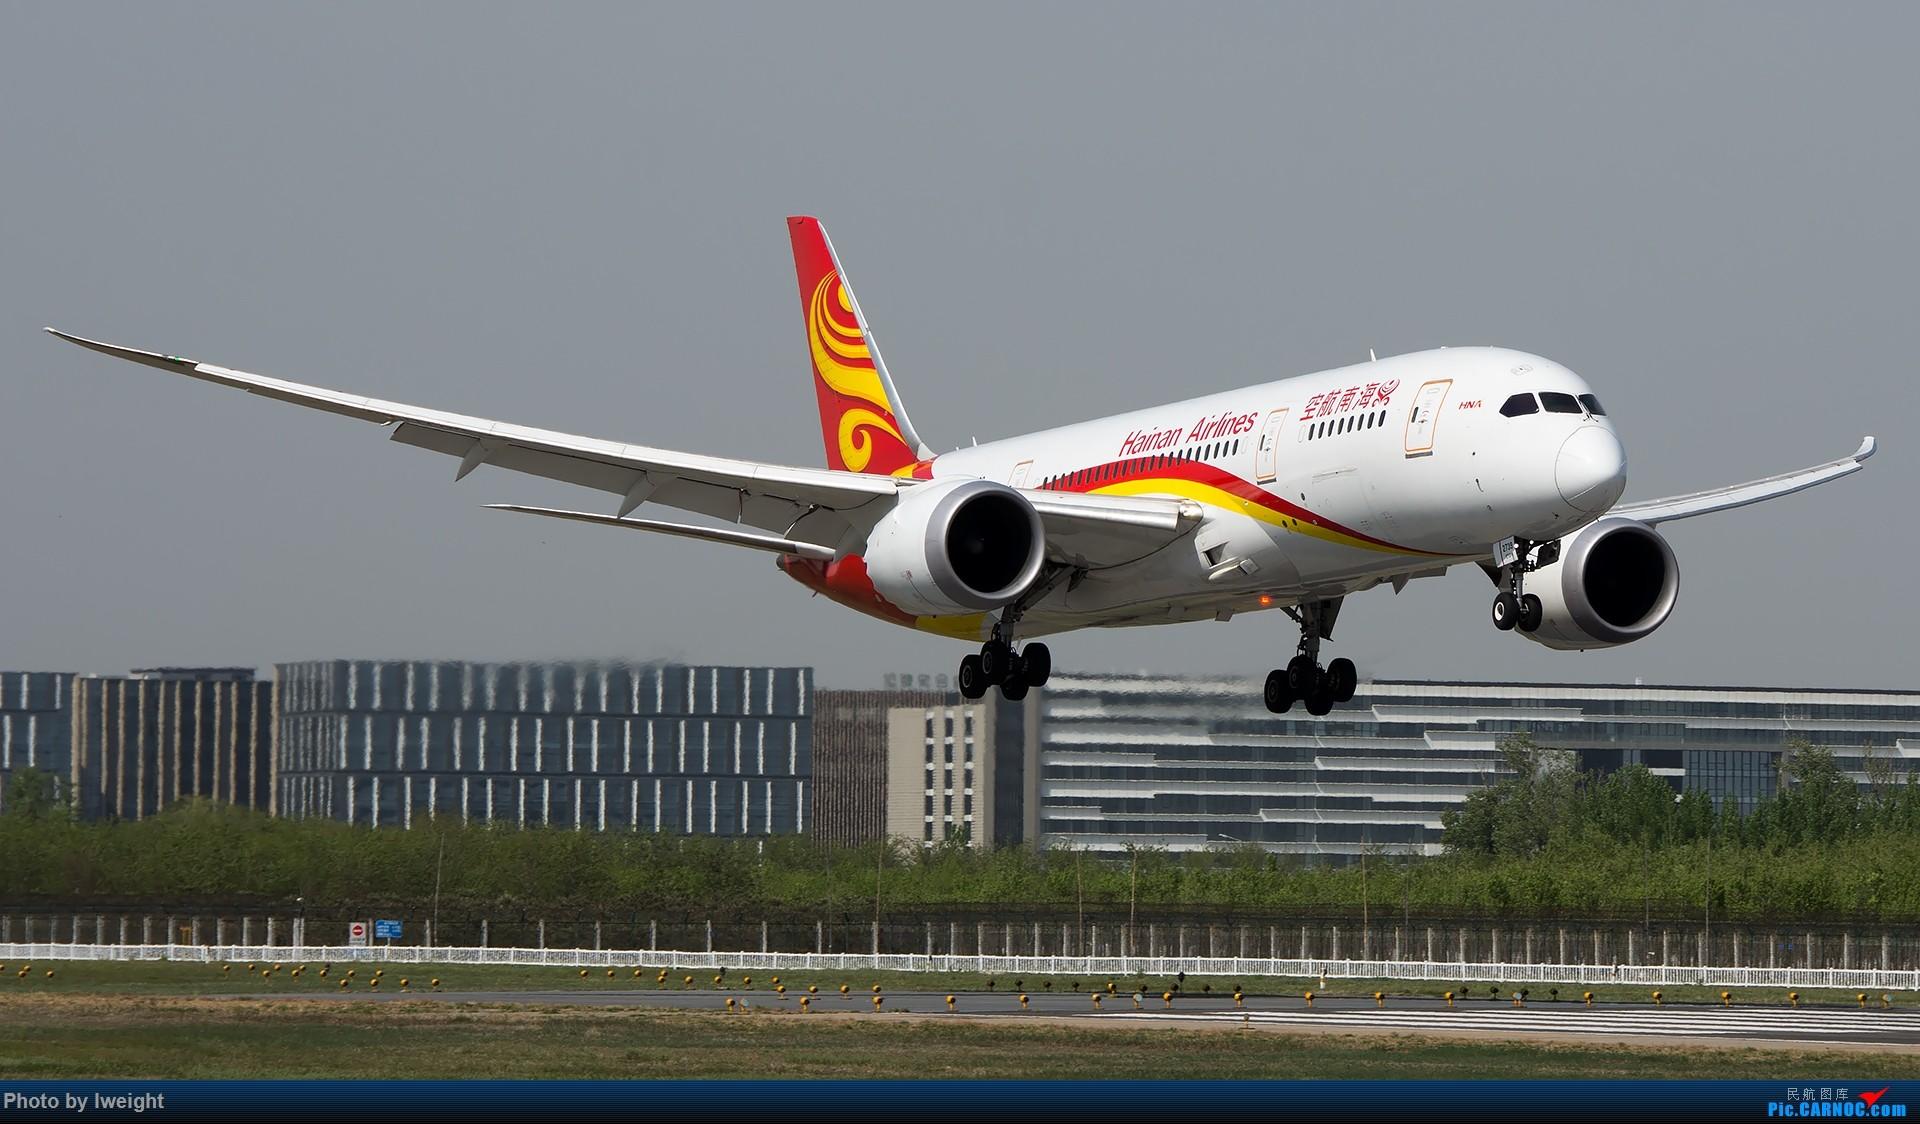 Re:[原创]天气晴朗,继续守候18R【多图】 BOEING 787-8 B-2739 中国北京首都国际机场